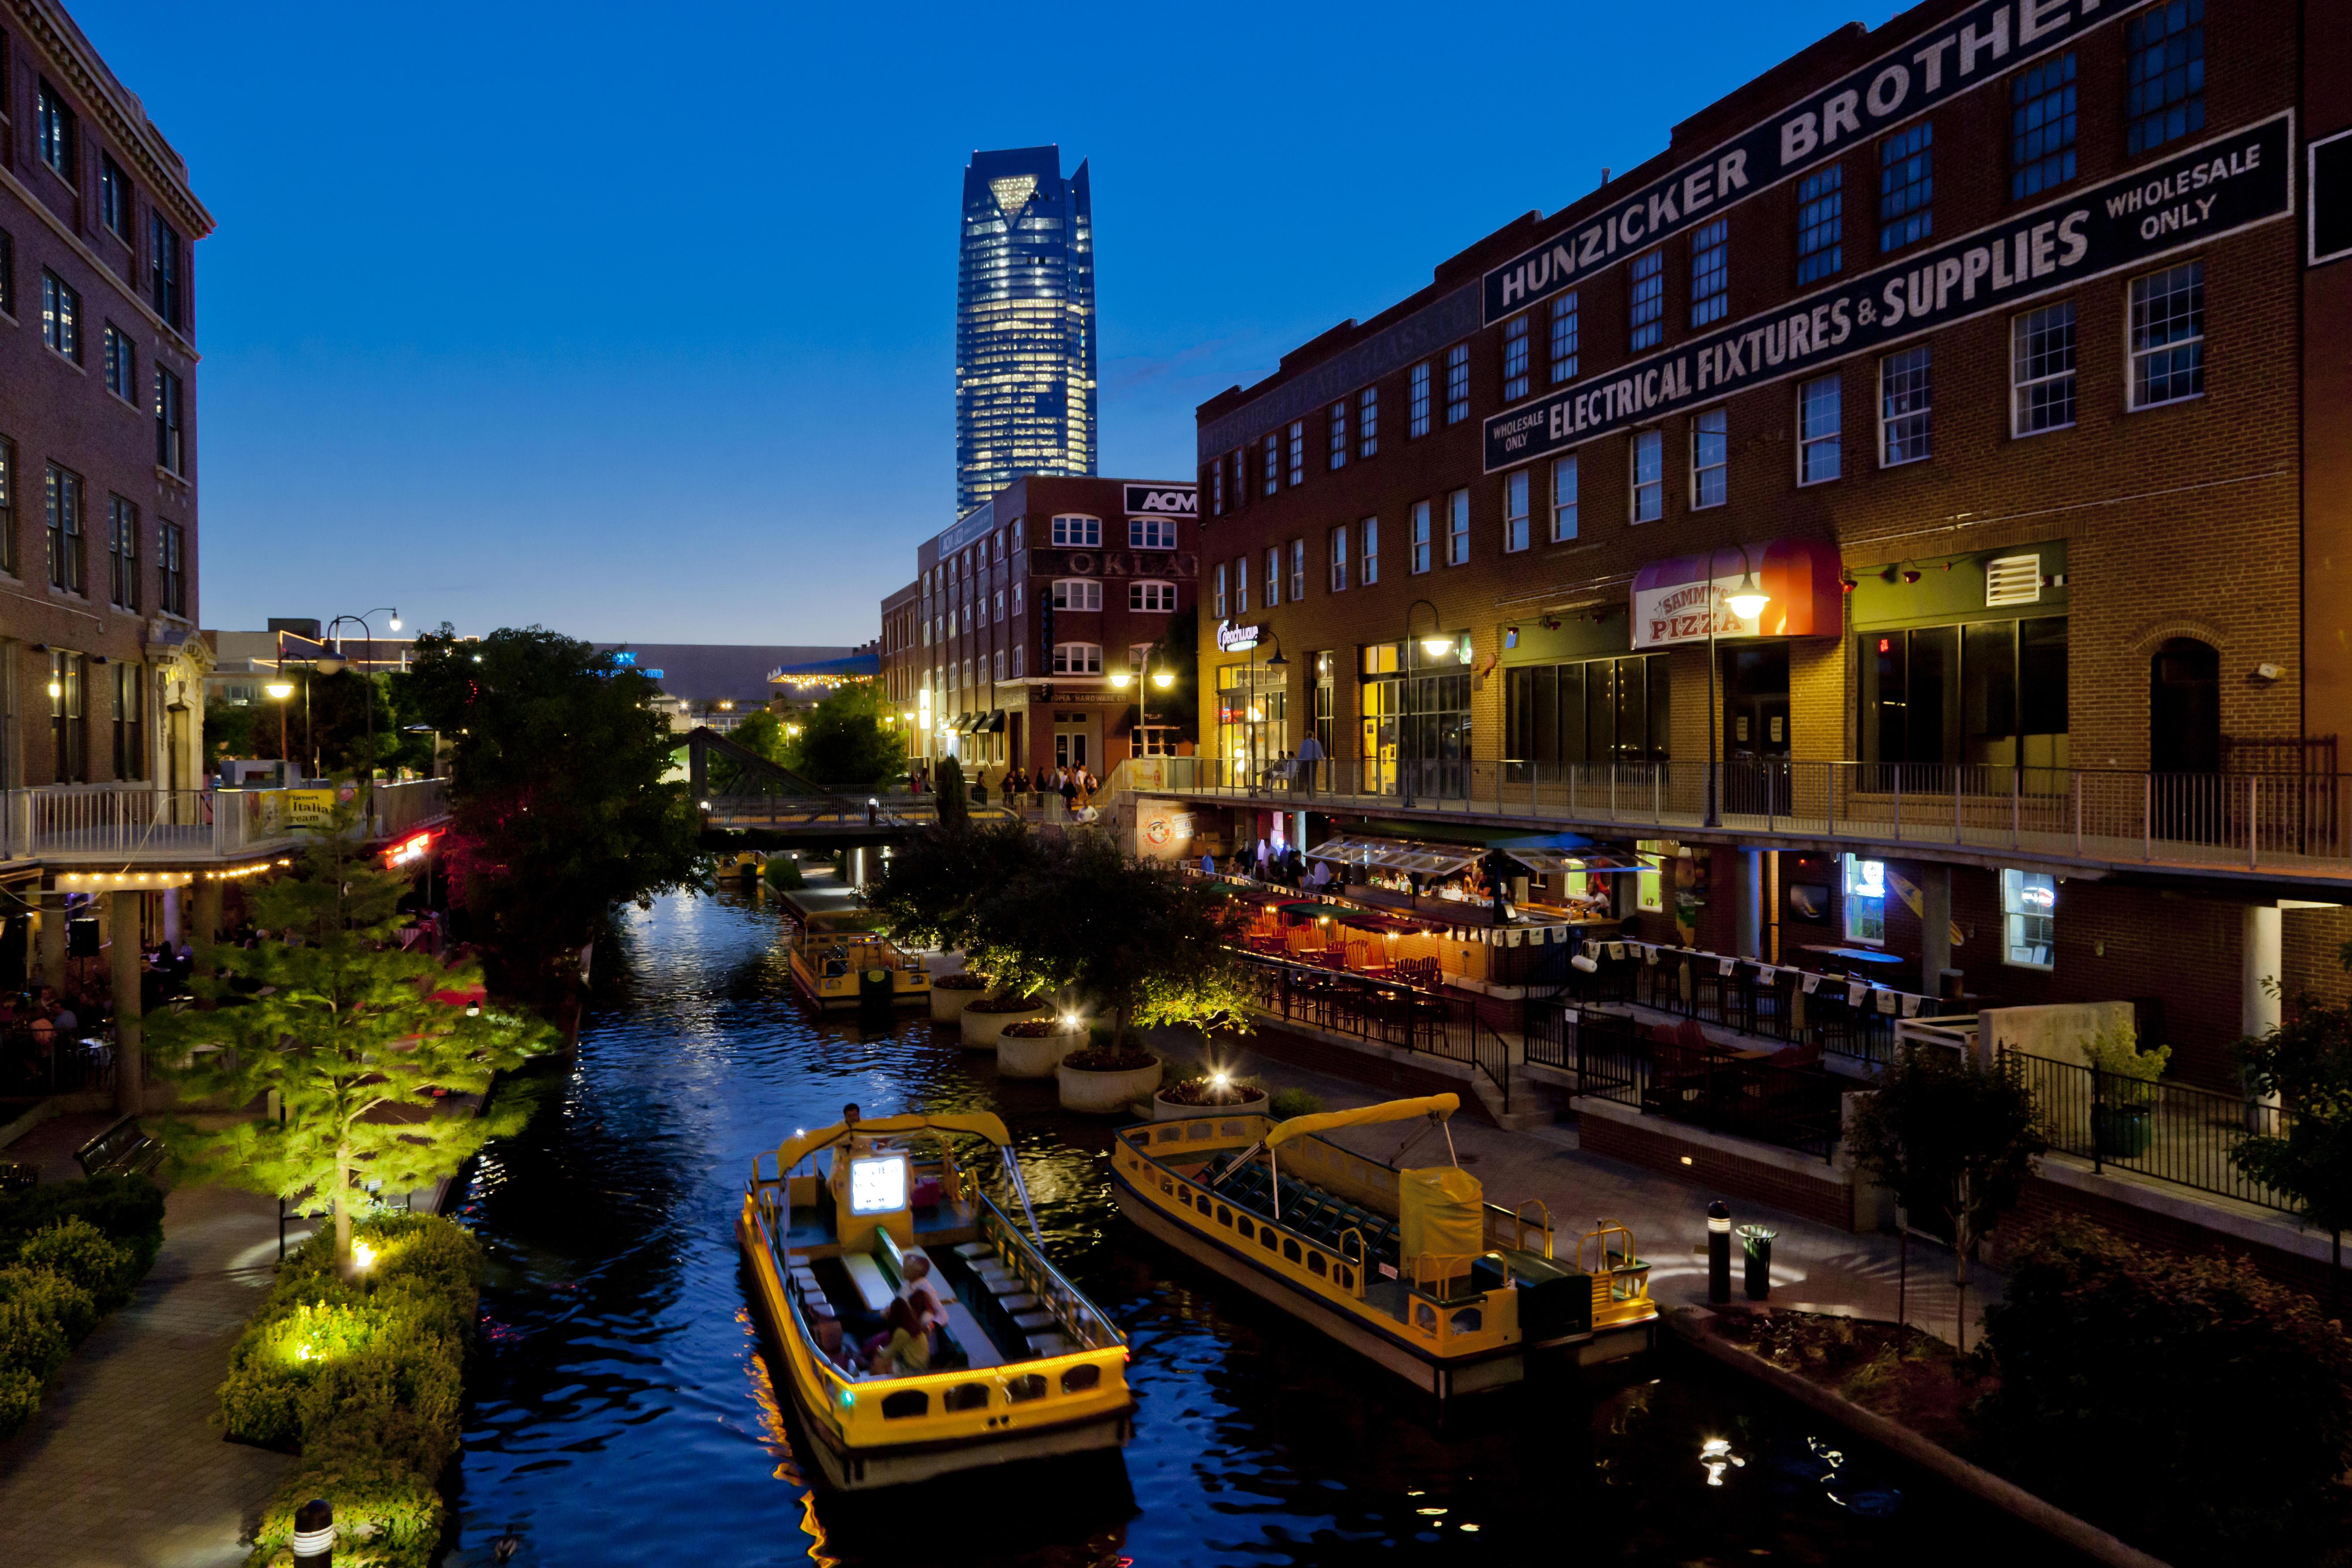 Oklahoma City Bricktown evening